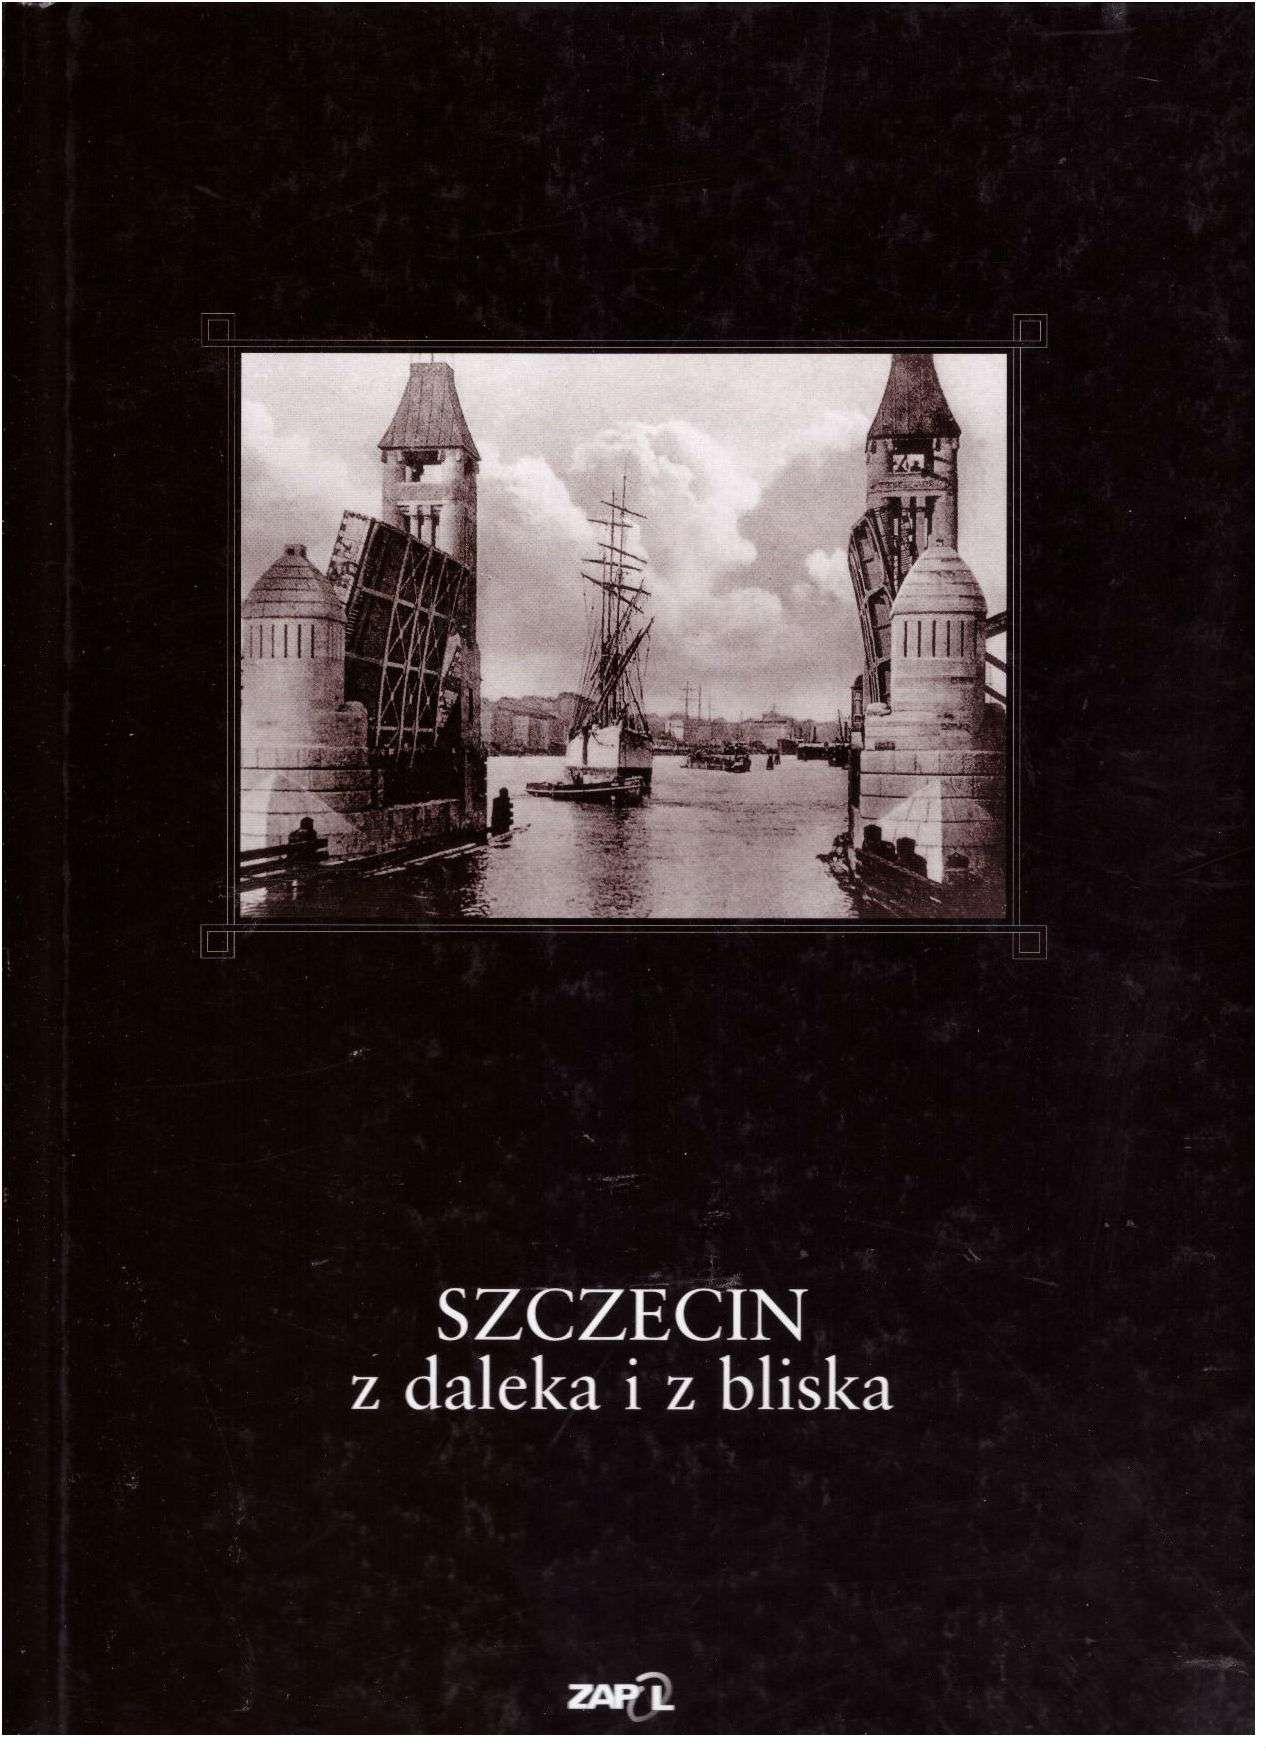 Szczecin Z Daleka I Bliska (Polska wersja jezykowa)